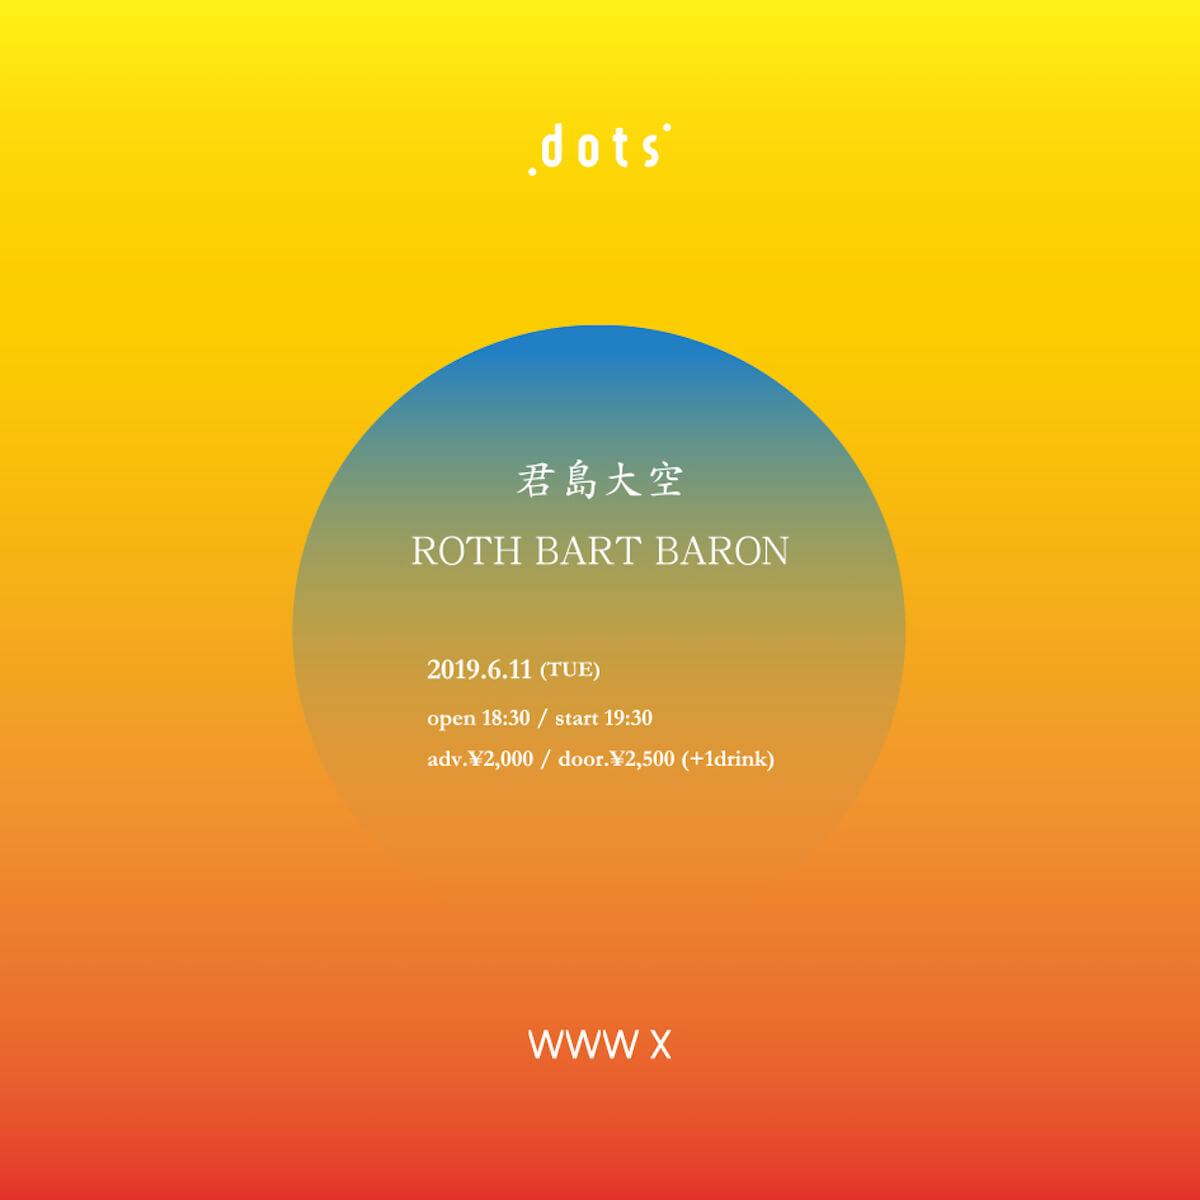 WWWのツーマンシリーズ「dots」にて、君島大空とROTH BART BARONの対バンが6月に開催 music190510-dots